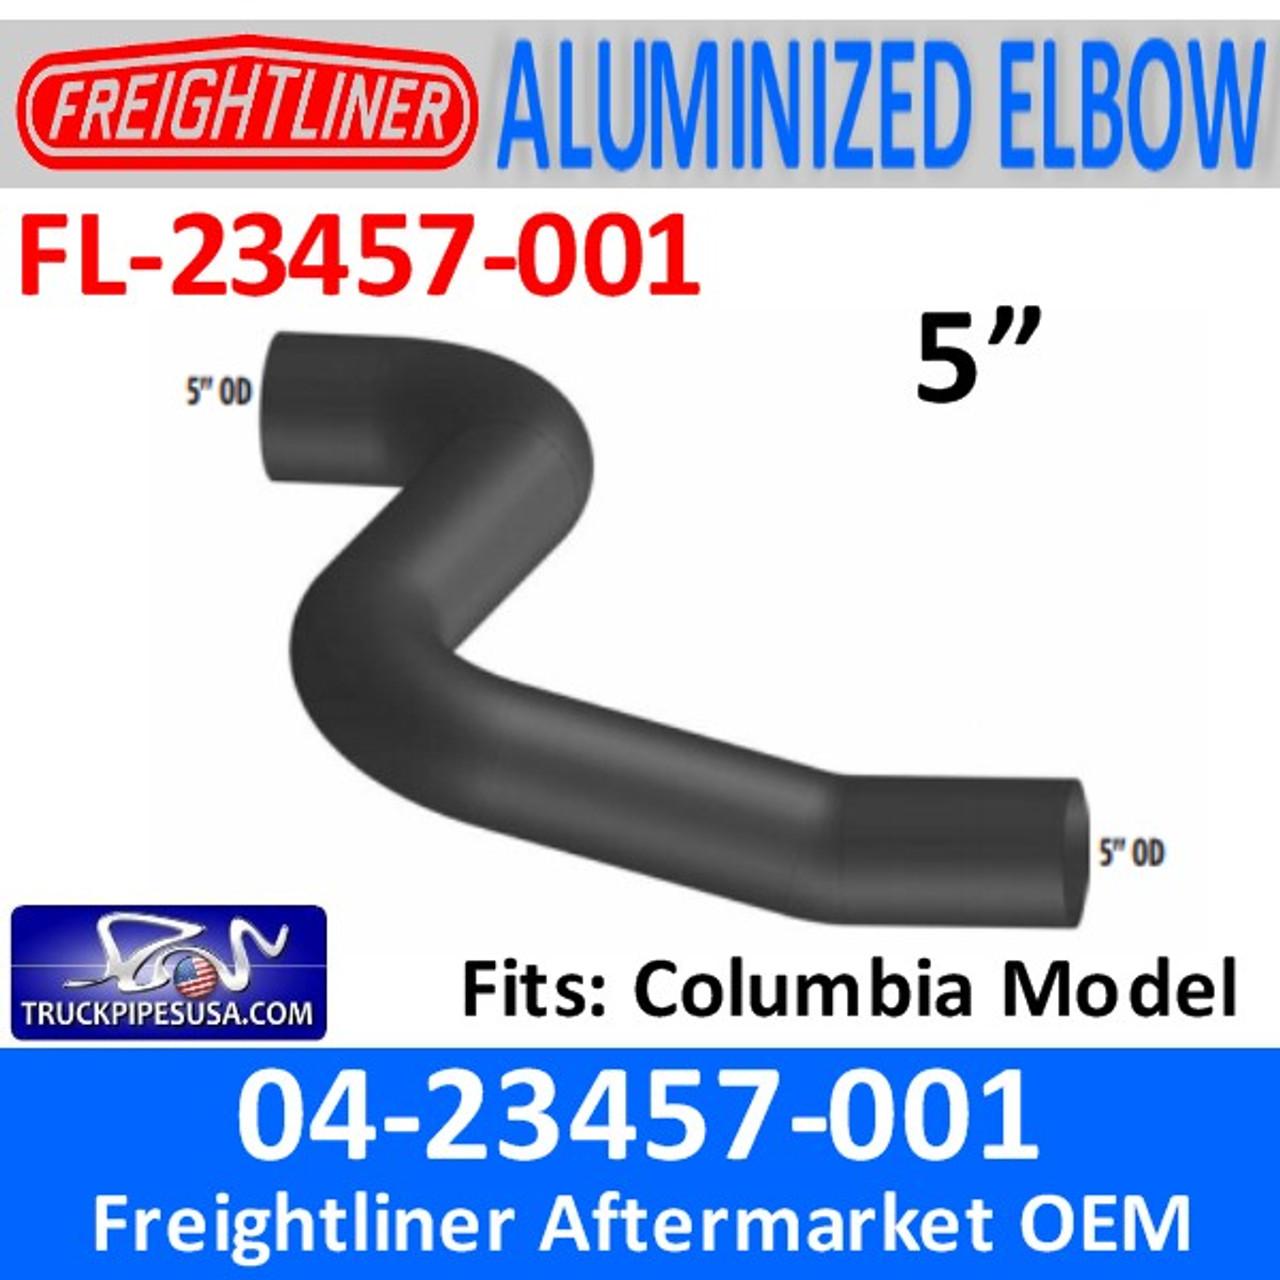 04-23457-001 Freightliner Columbia Exhaust Elbow FL-23457-001